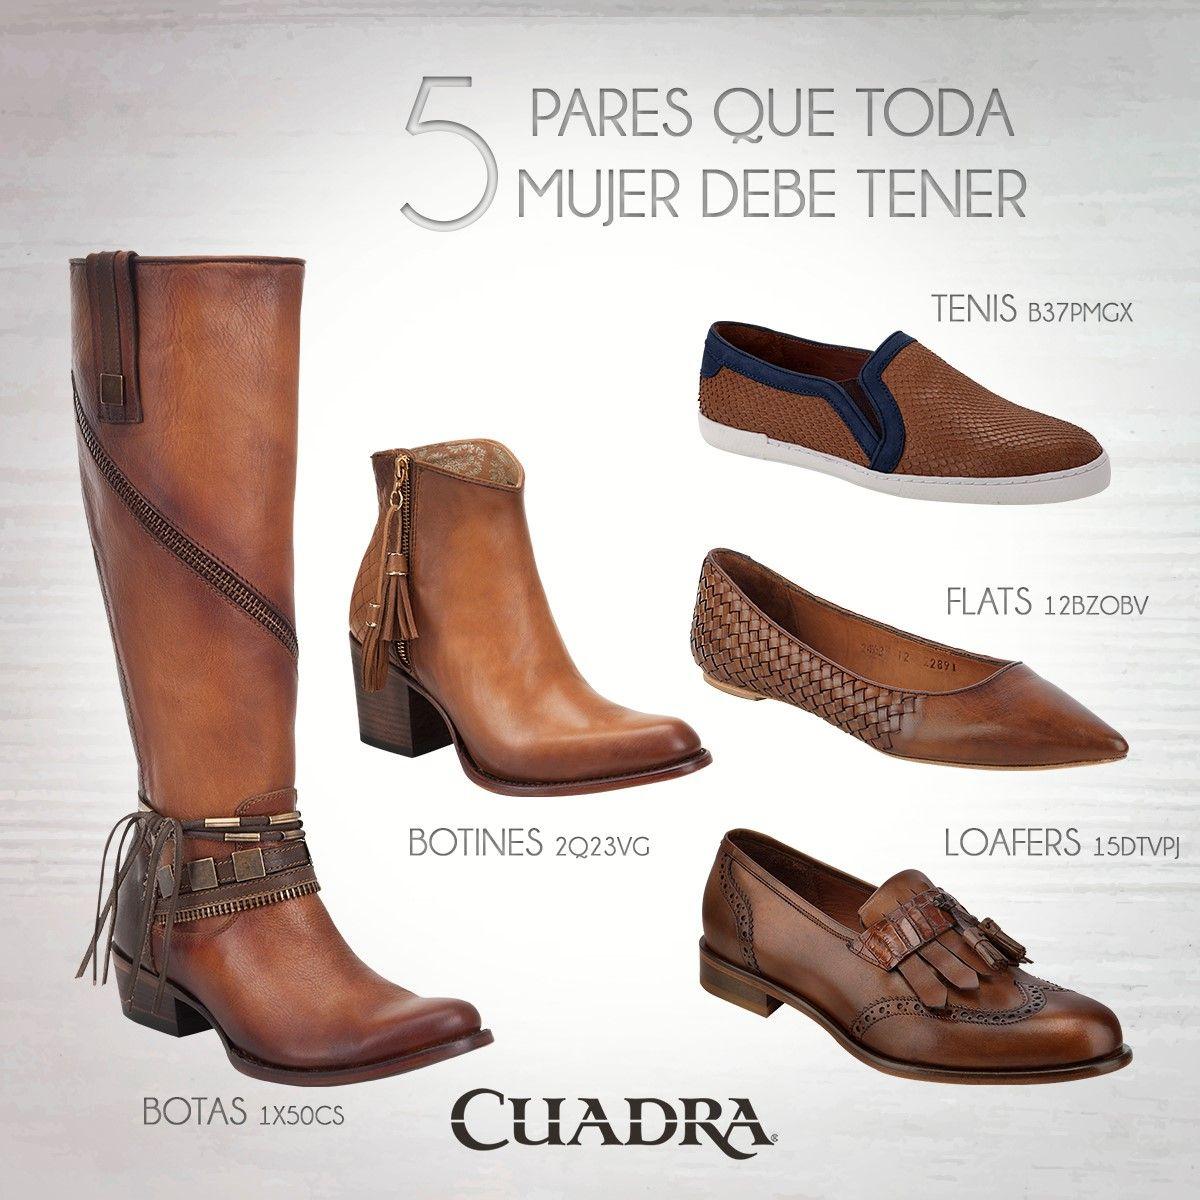 44ab3370 En tu armario mínimo debes tener un par de cada categoría. #CUADRA #Shoes  #Flats #Zapatos #Botas #Boots #Botines #Loafers #tenis